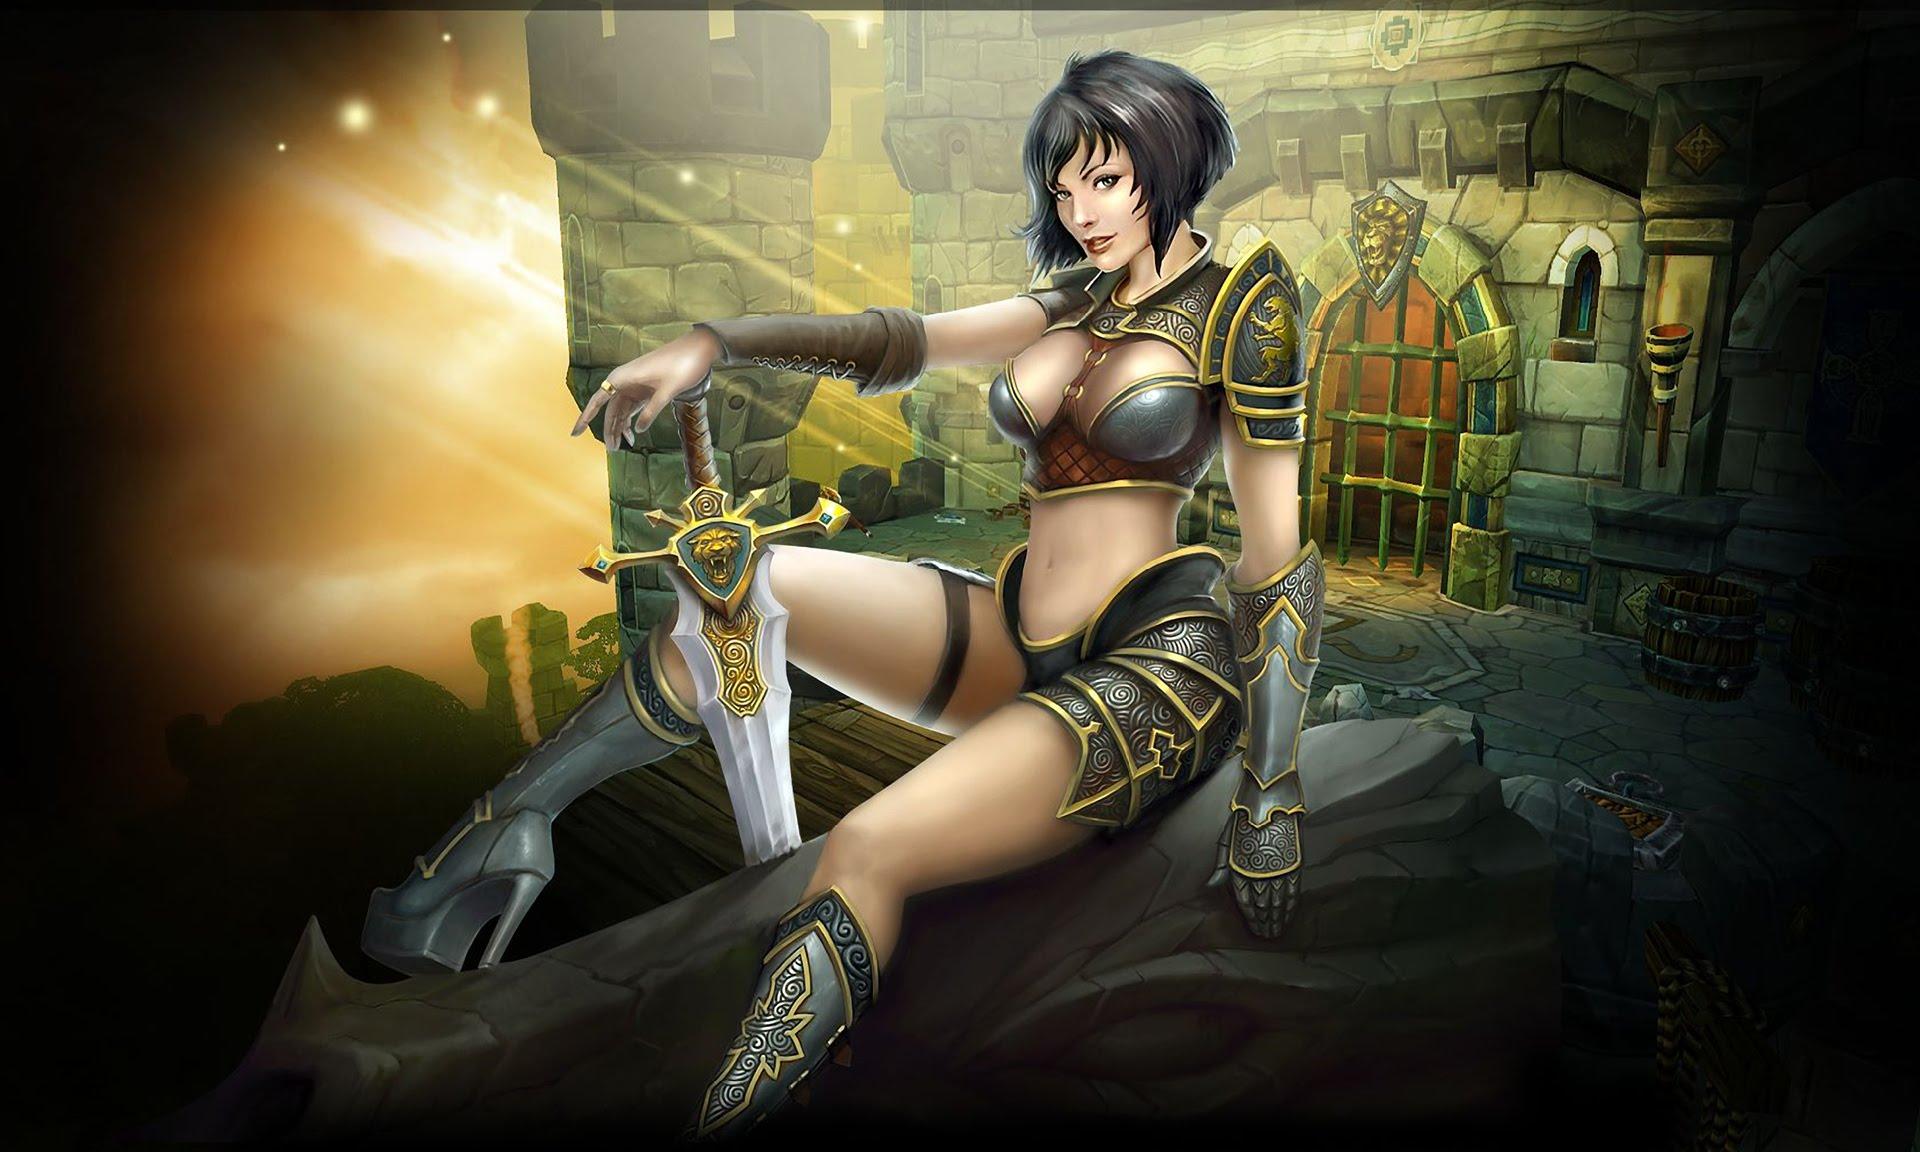 Warcraft erotic anthology exploited movie